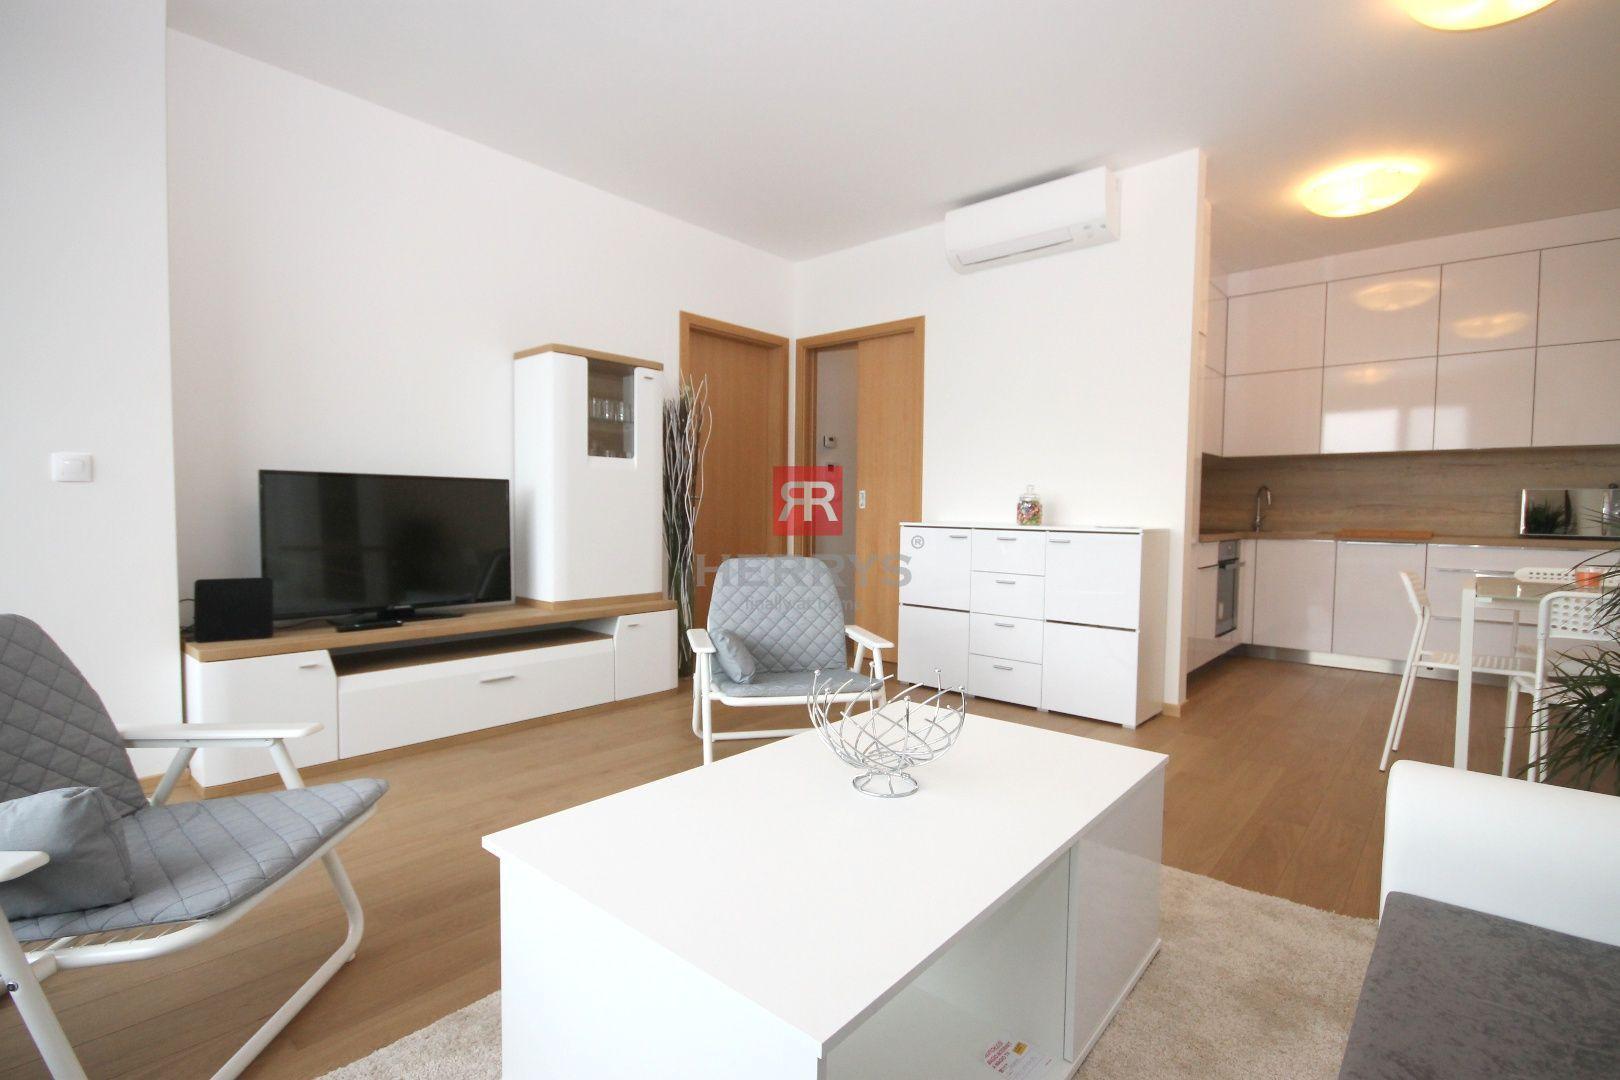 HERRYS - Na prenájom 2 izbový byt s balkónom a výhľadom na Dunaj, novostavba Zuckermandel